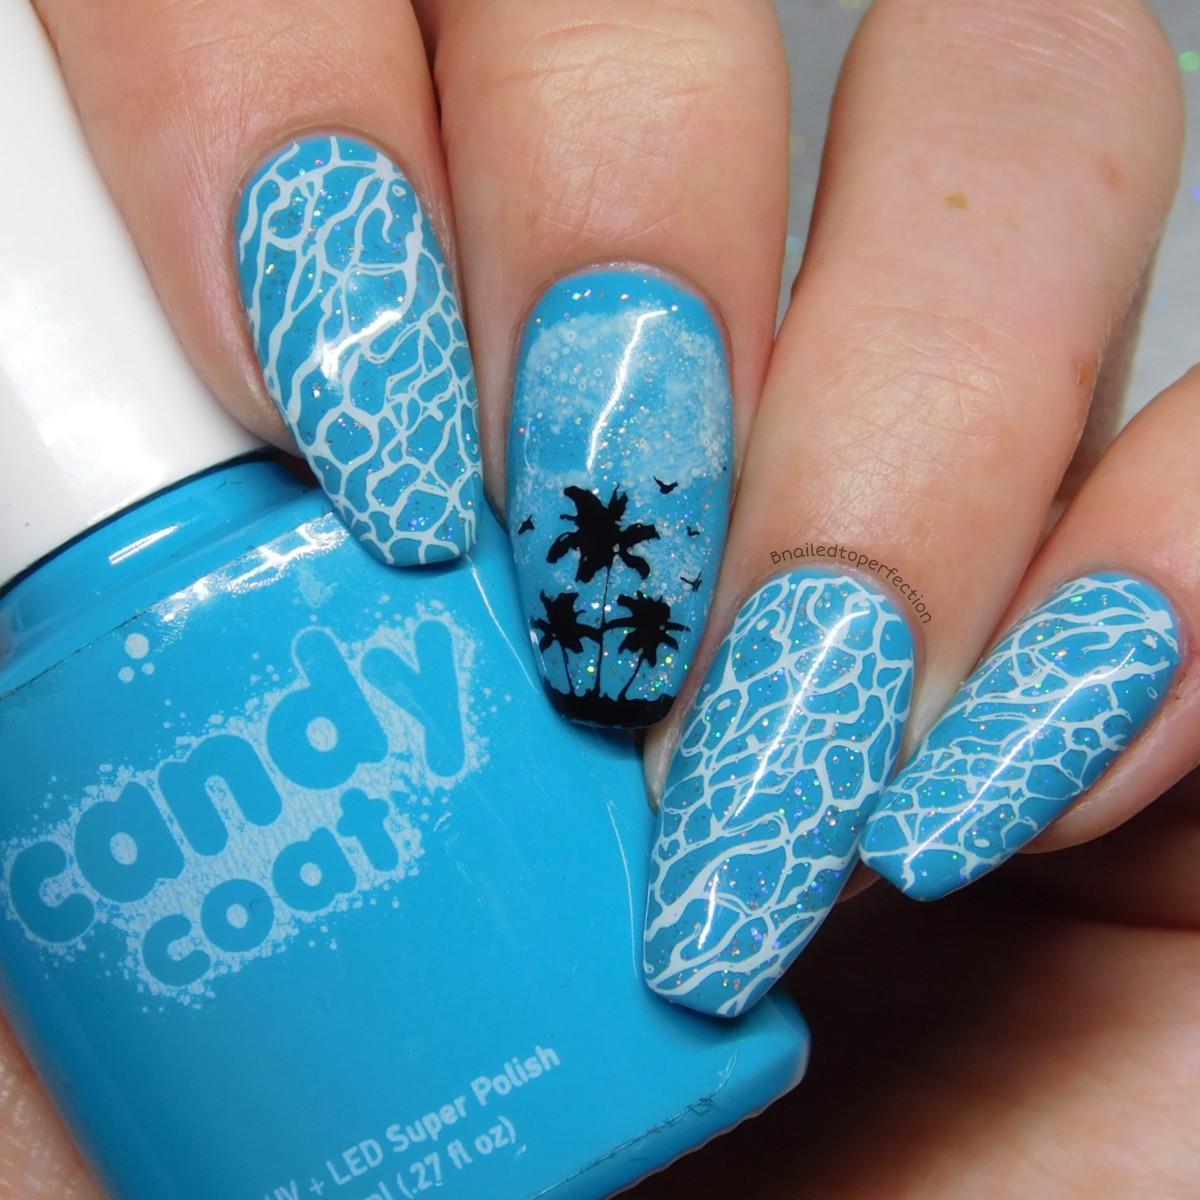 B Nailed To Perfection Holiday Nails Candy Coat And Lina Nail Art